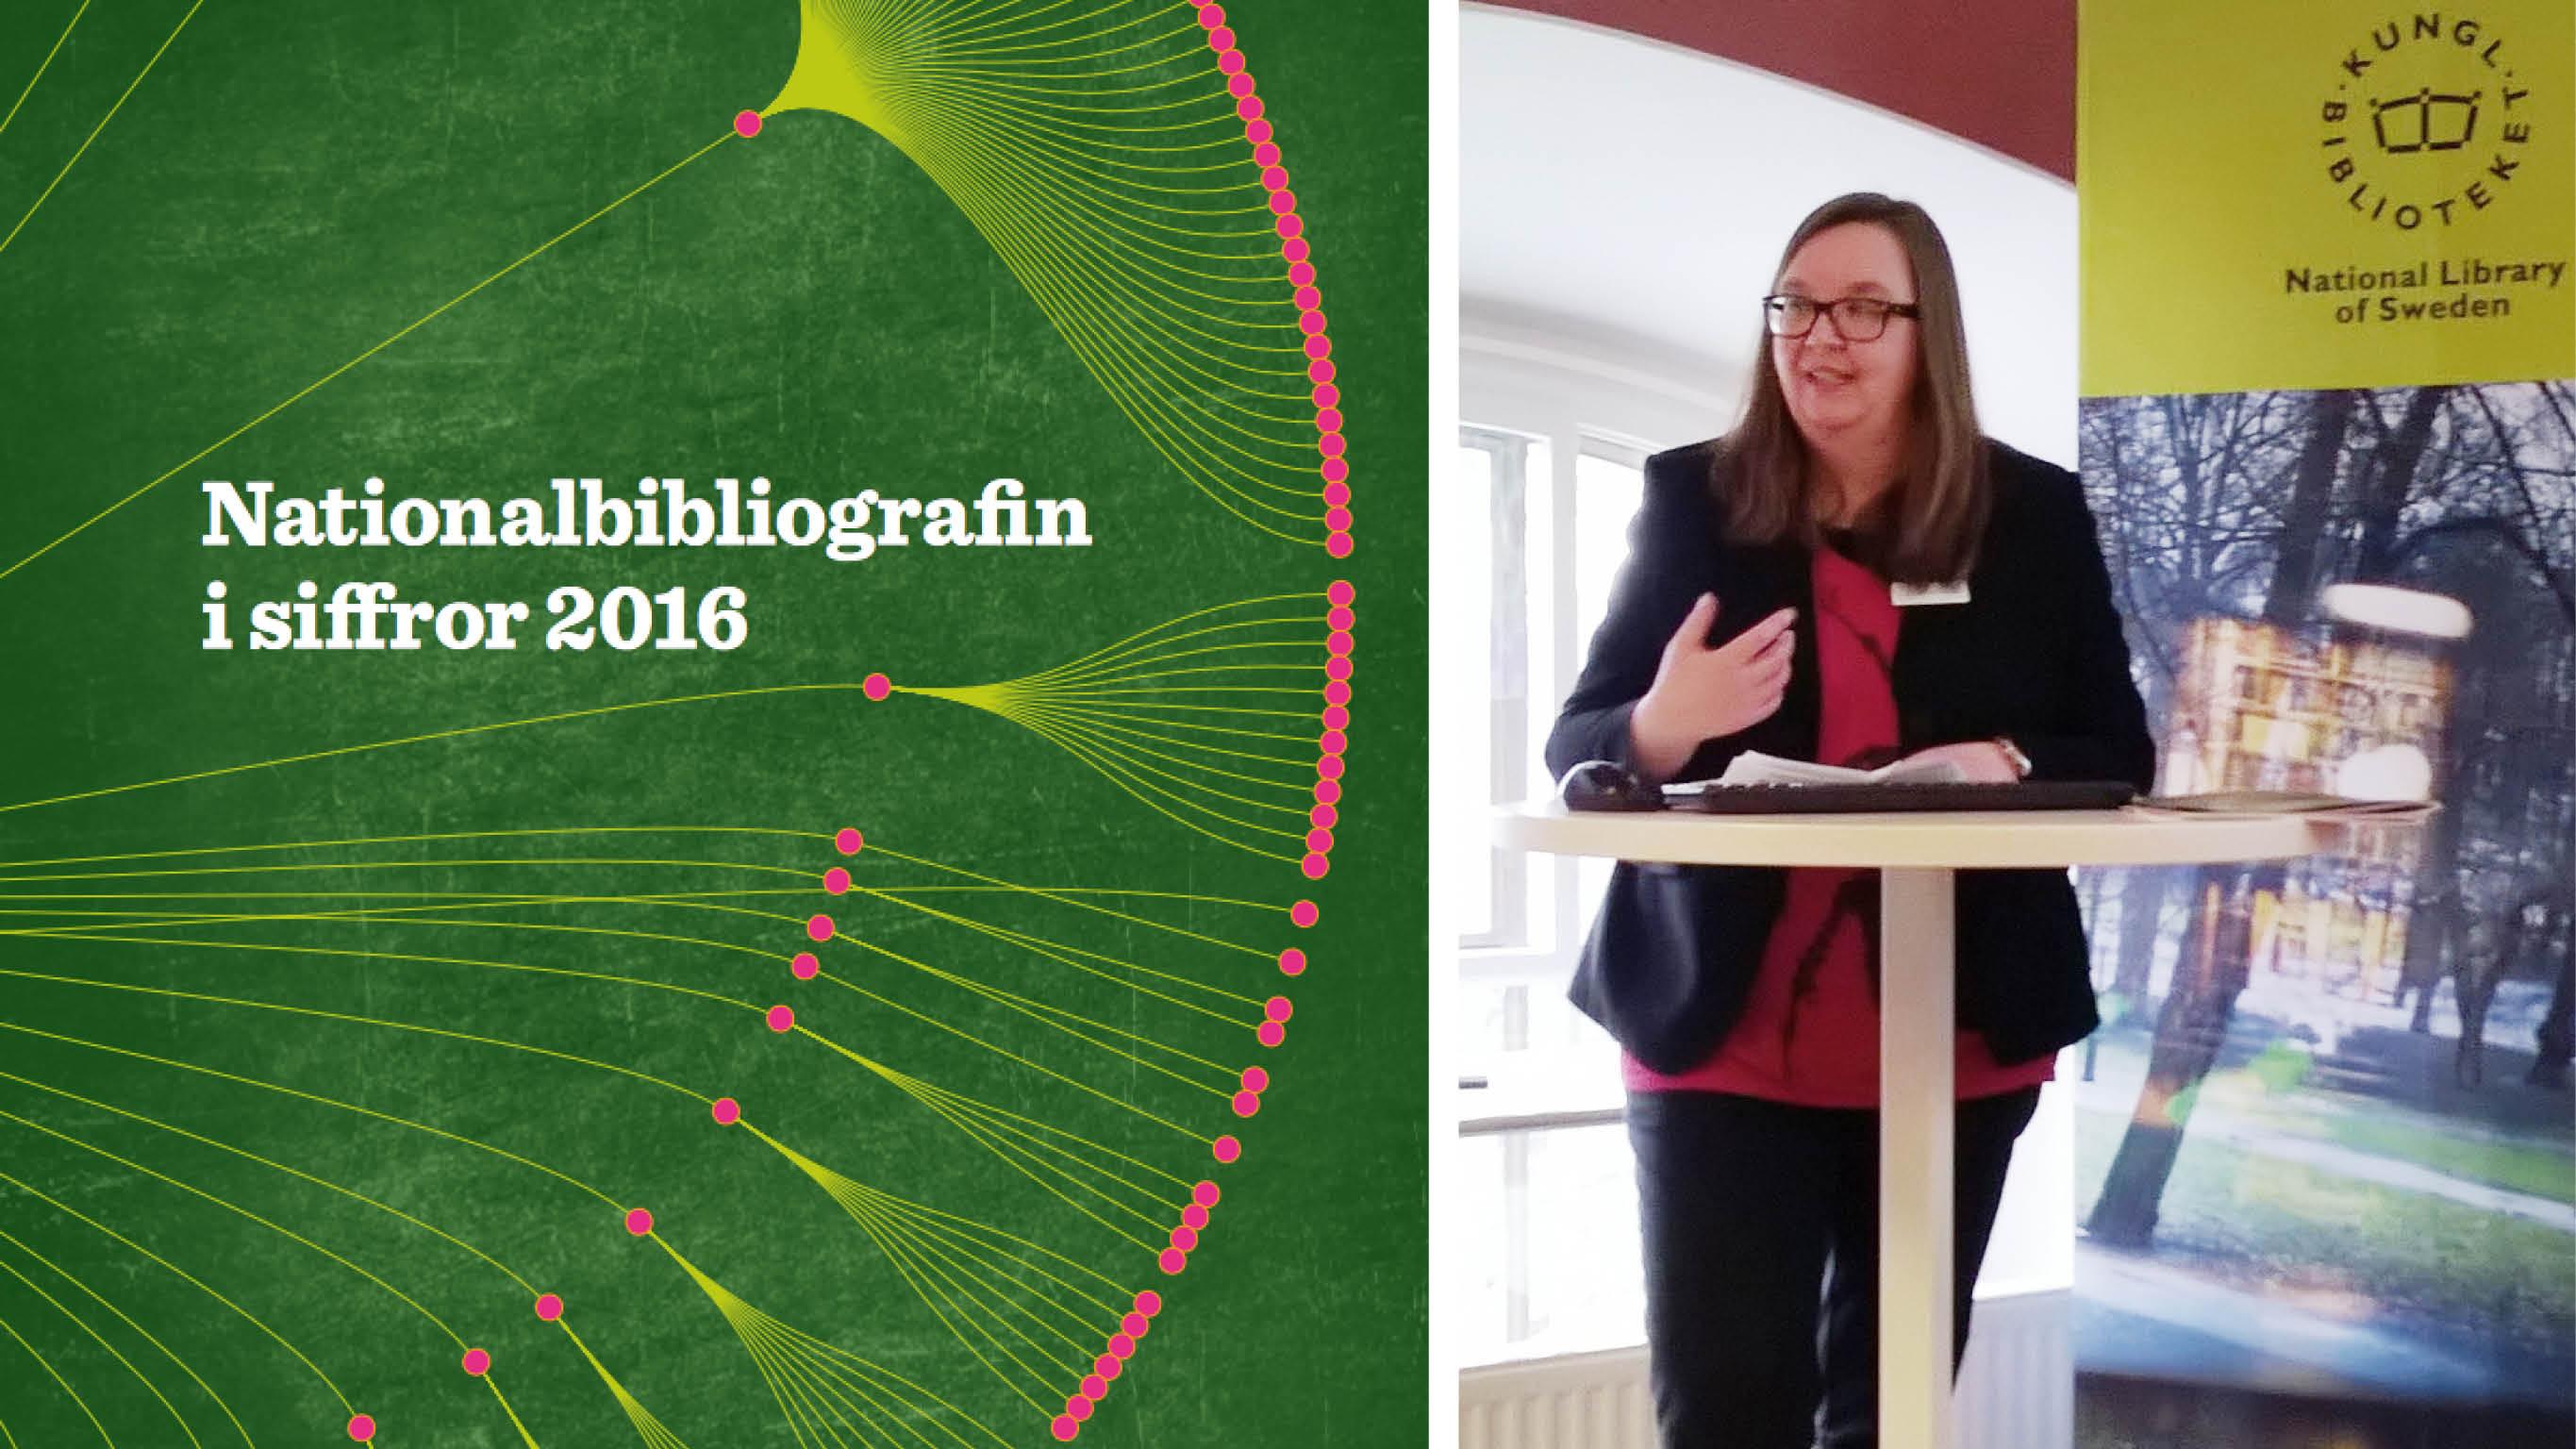 Ylva Sommerland, bibliotekarie på KB och ansvarig handläggare för Nationalbibliografin i siffror 2016, presenterade rapporten i dag.